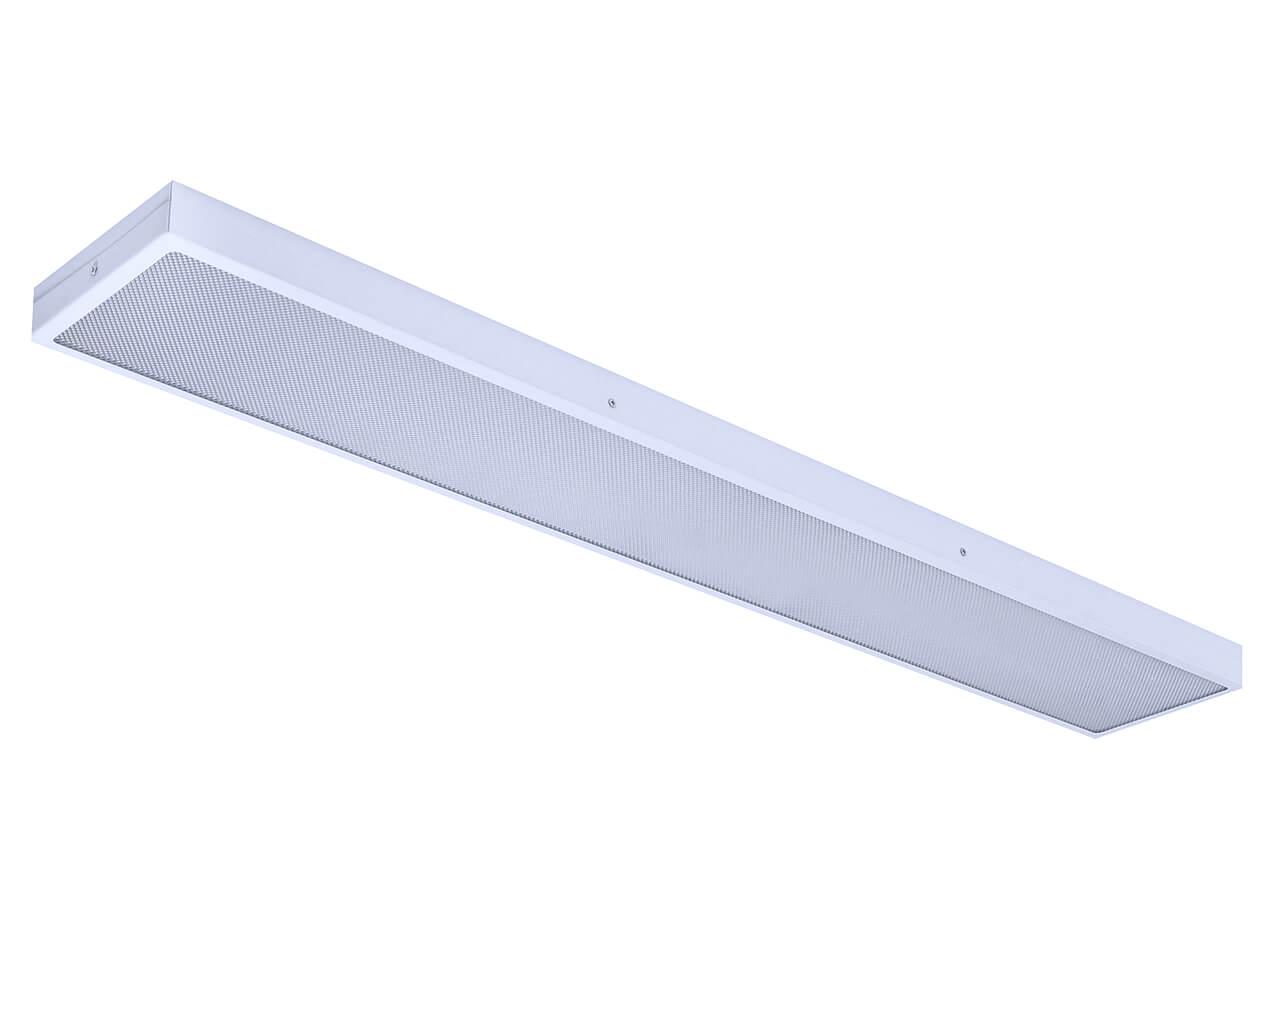 Накладной светильник LC-NS-SIP65-80 1195*180 IP65 Теплый белый Призма